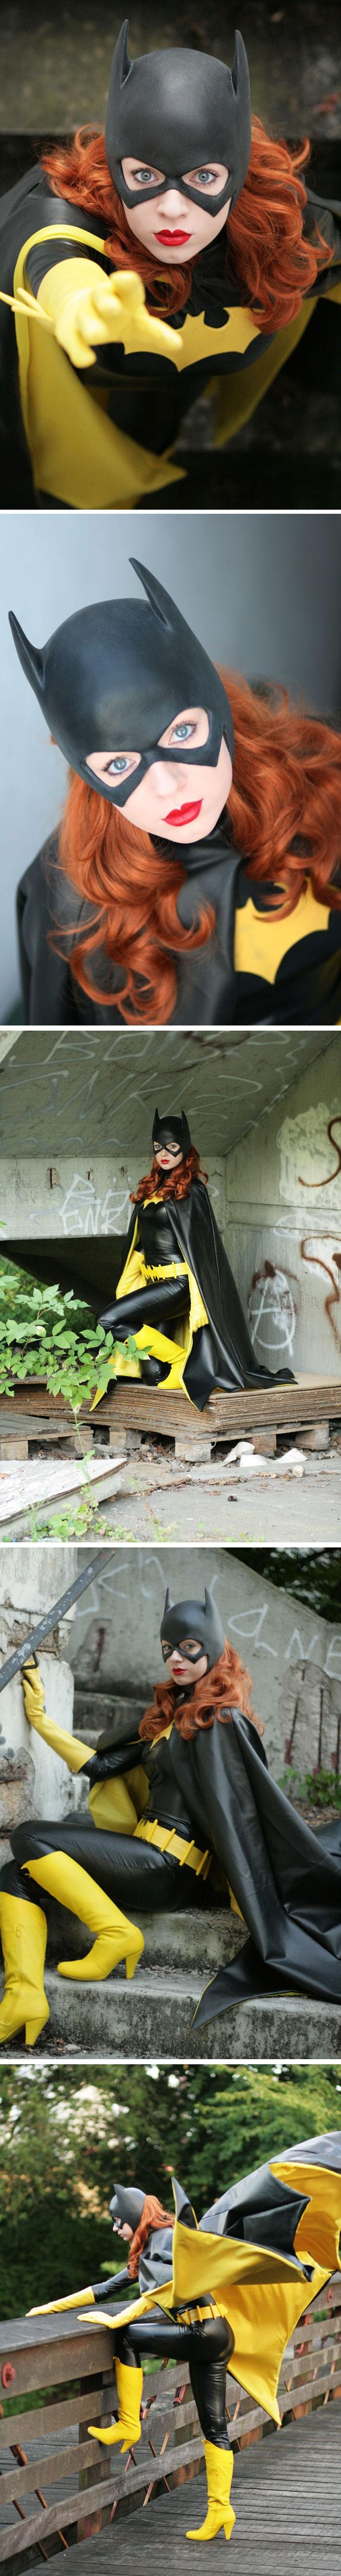 Batgirl | http://knightess-rouge.deviantart.com/gallery/39164892